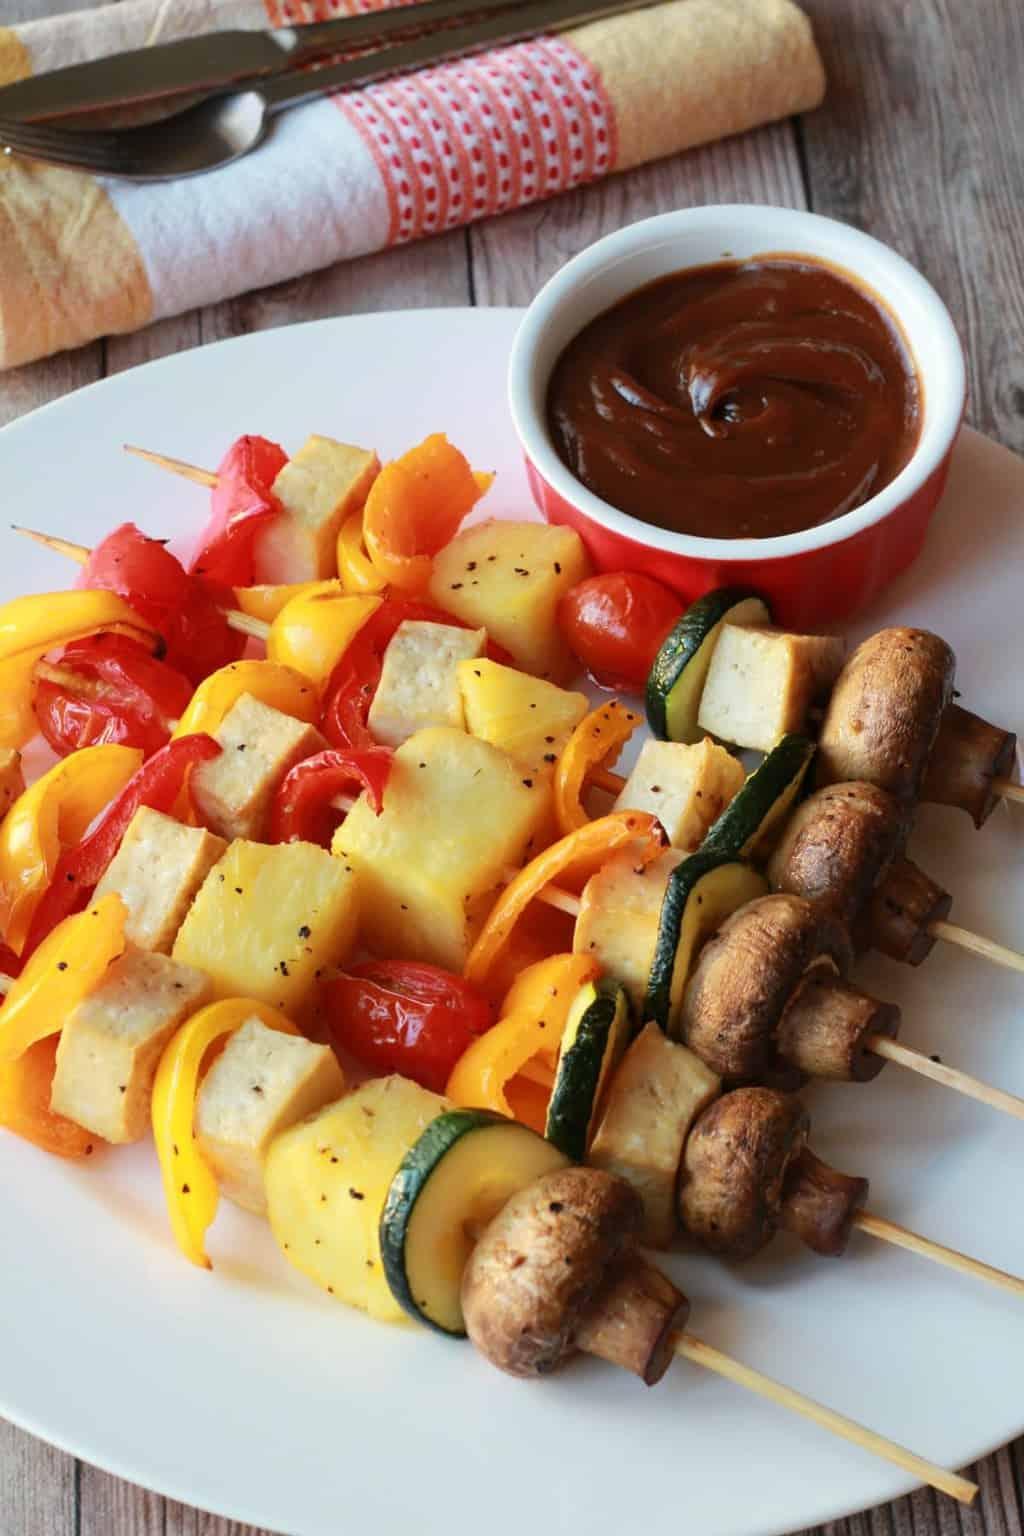 Vegetable Skewers (Kebabs) with Soy Peanut Dipping Sauce